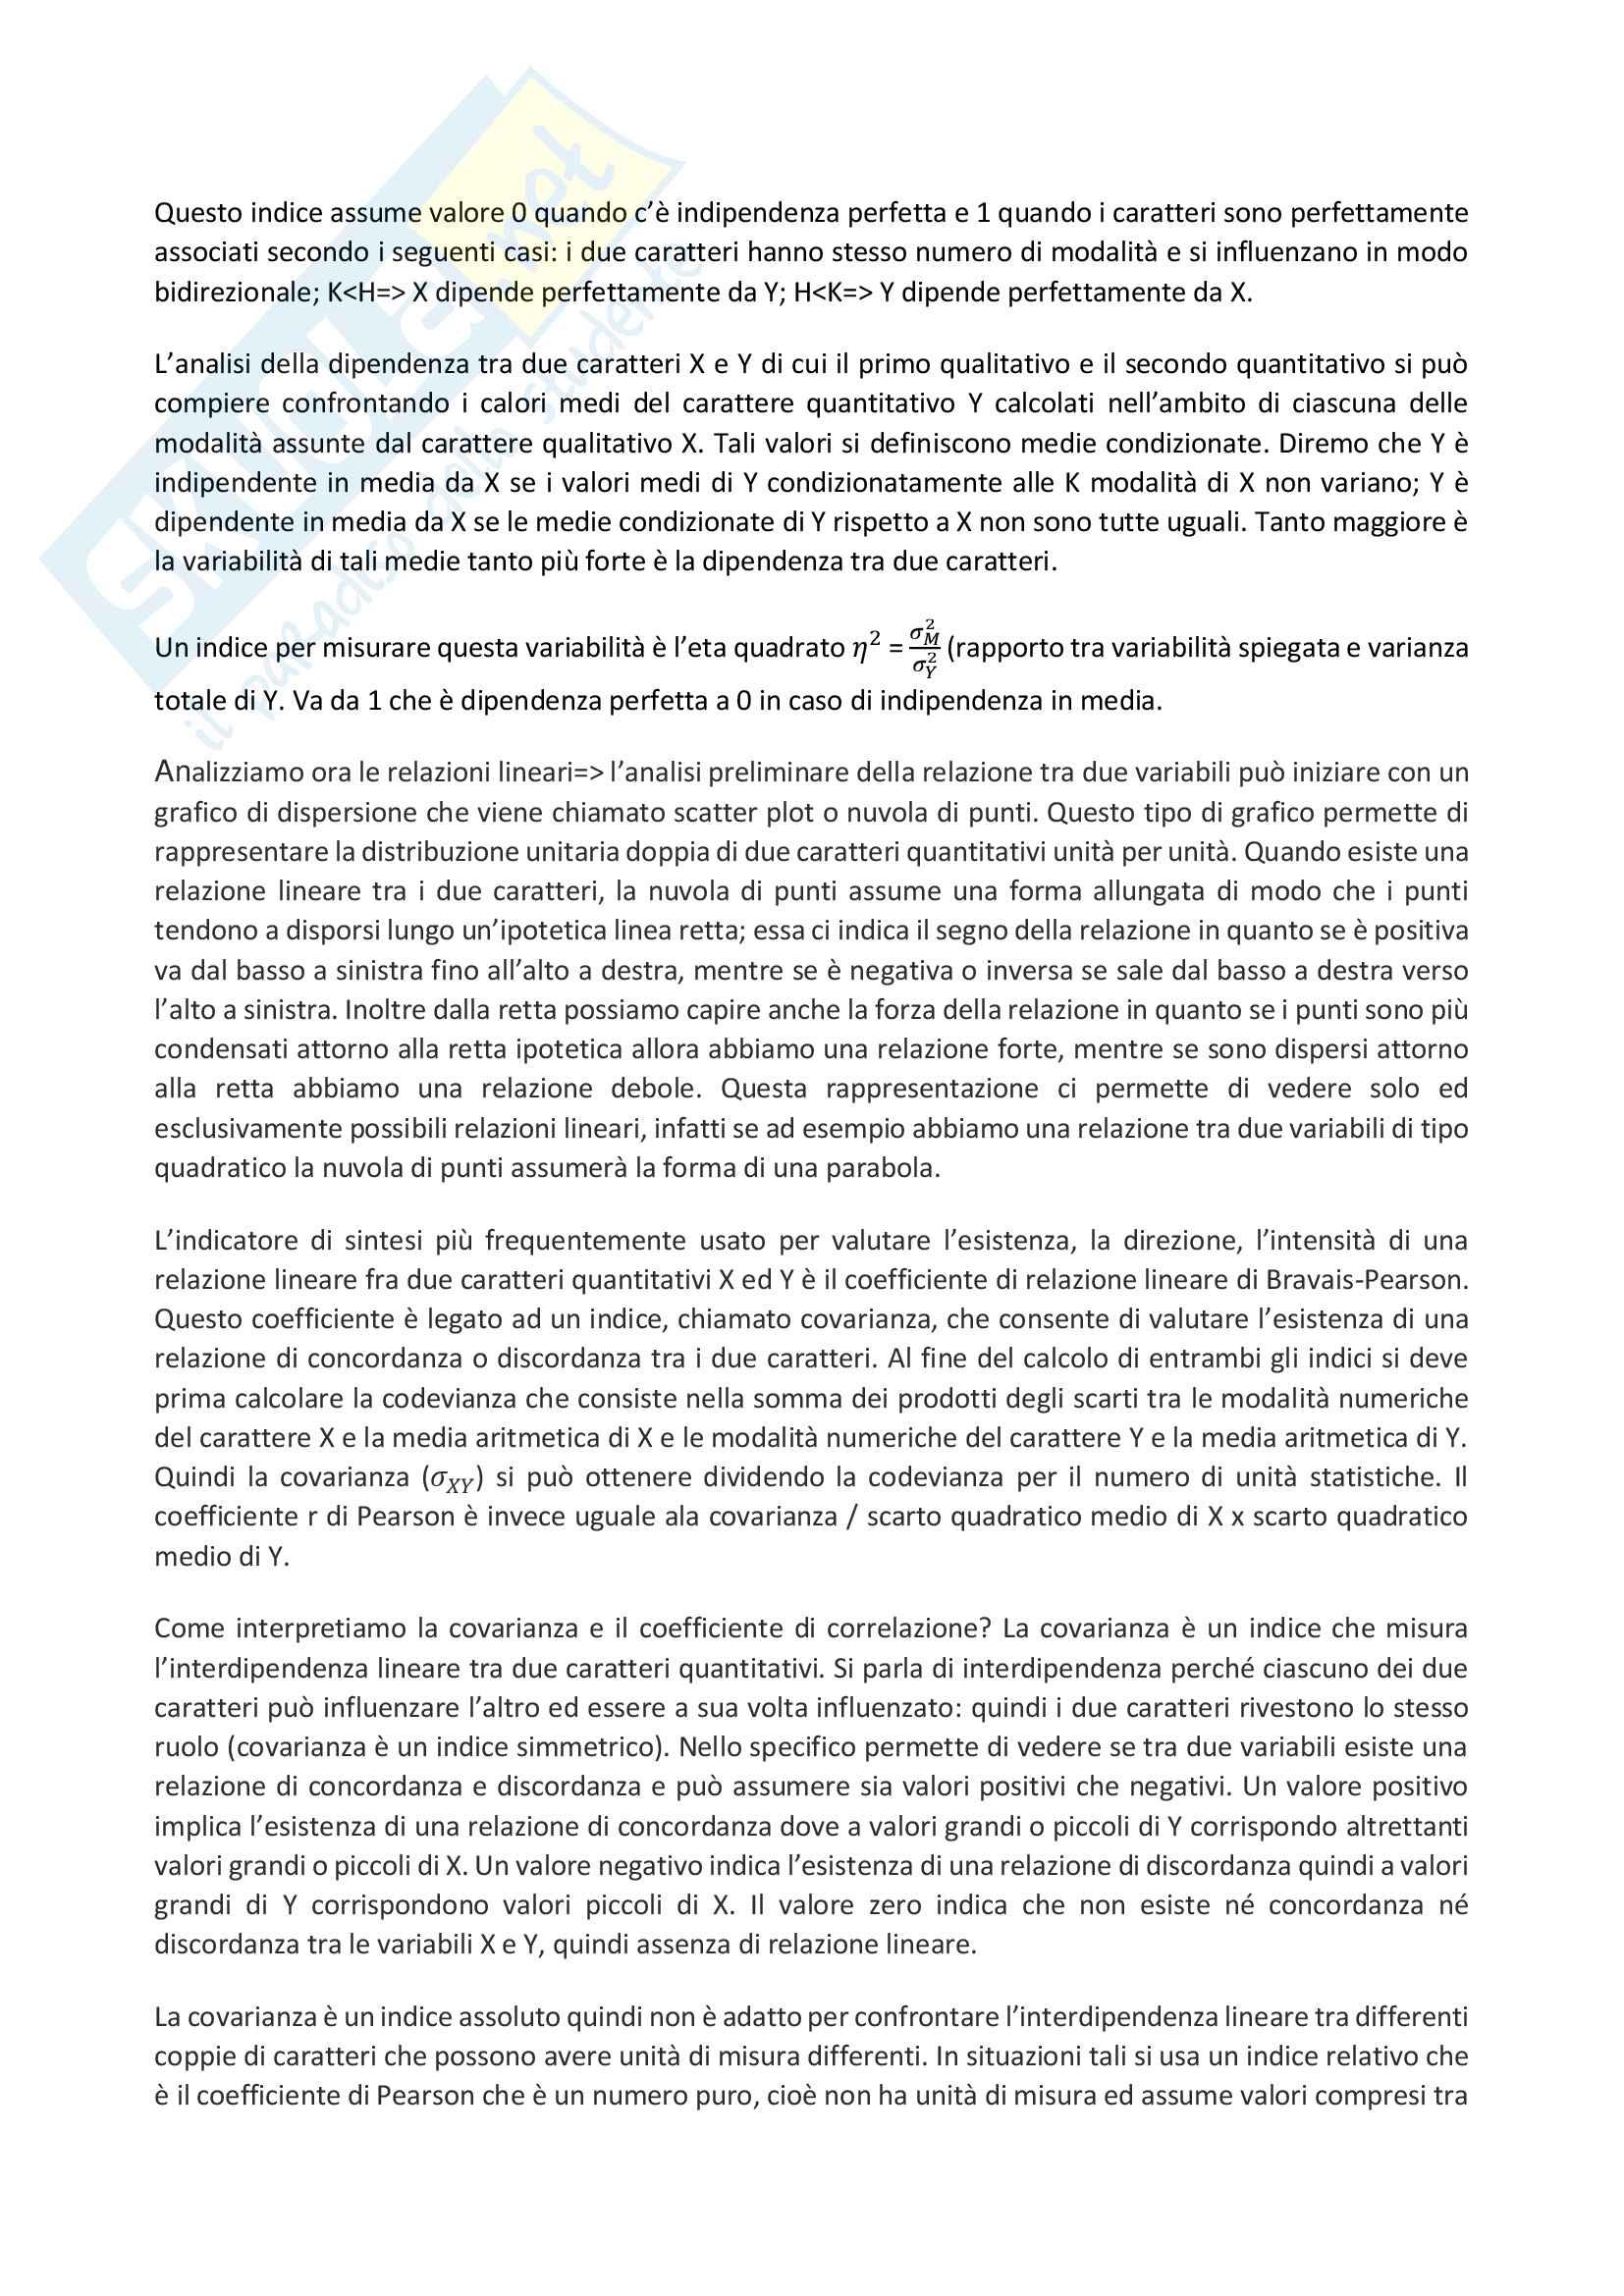 Riassunto esame Fonti e strumenti statistici per la comunicazione, prof Mingo,libro consigliato Statistiche,Istruzioni per l'uso, Bocci,Mingo Pag. 16